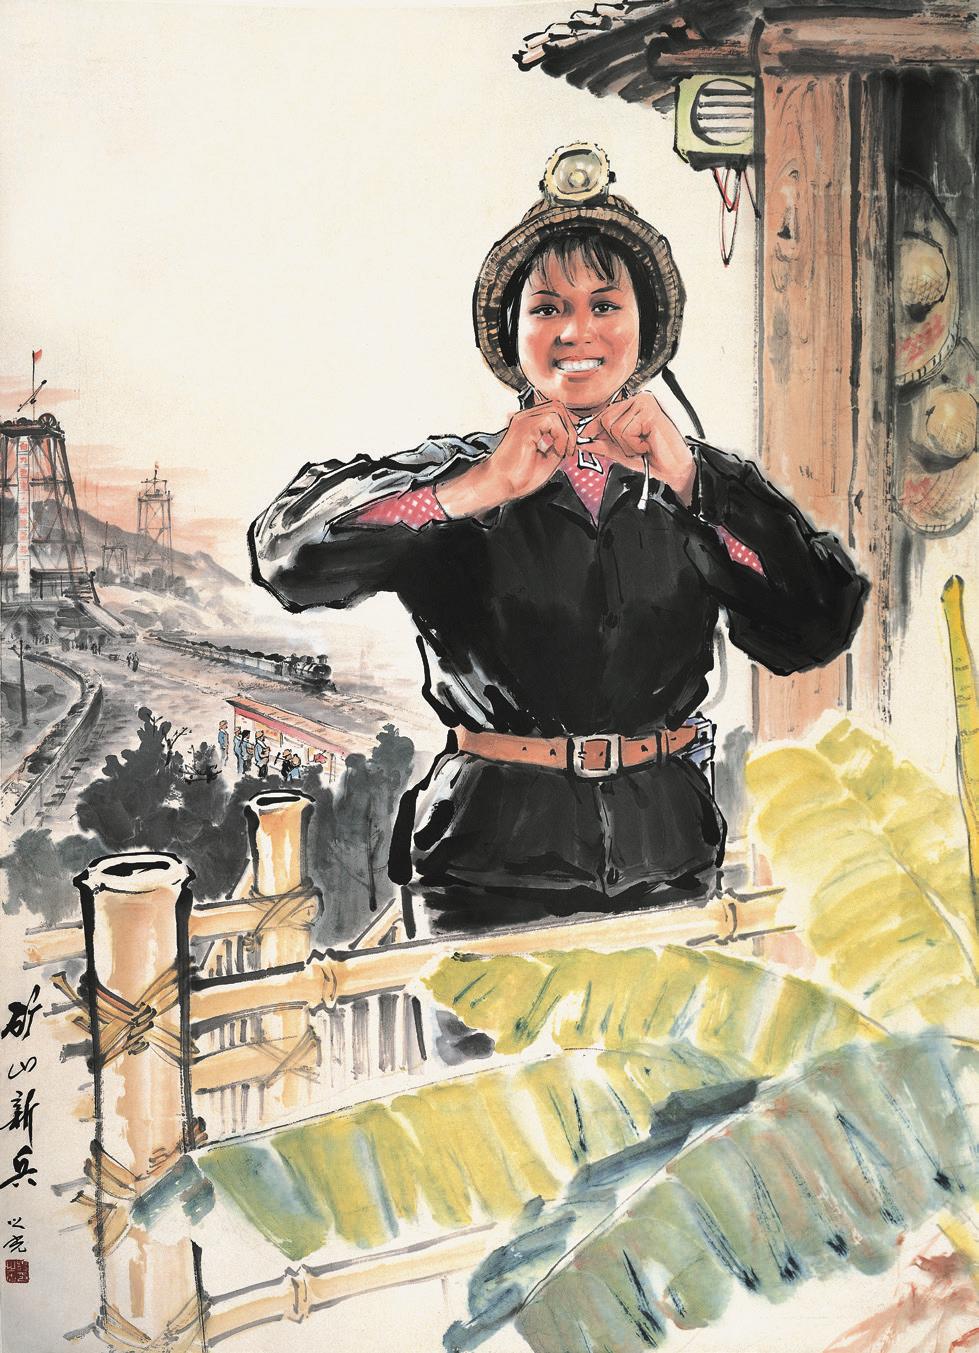 杨之光《矿山新兵》中国画 130.5x94cm 1971年 中国美术馆藏